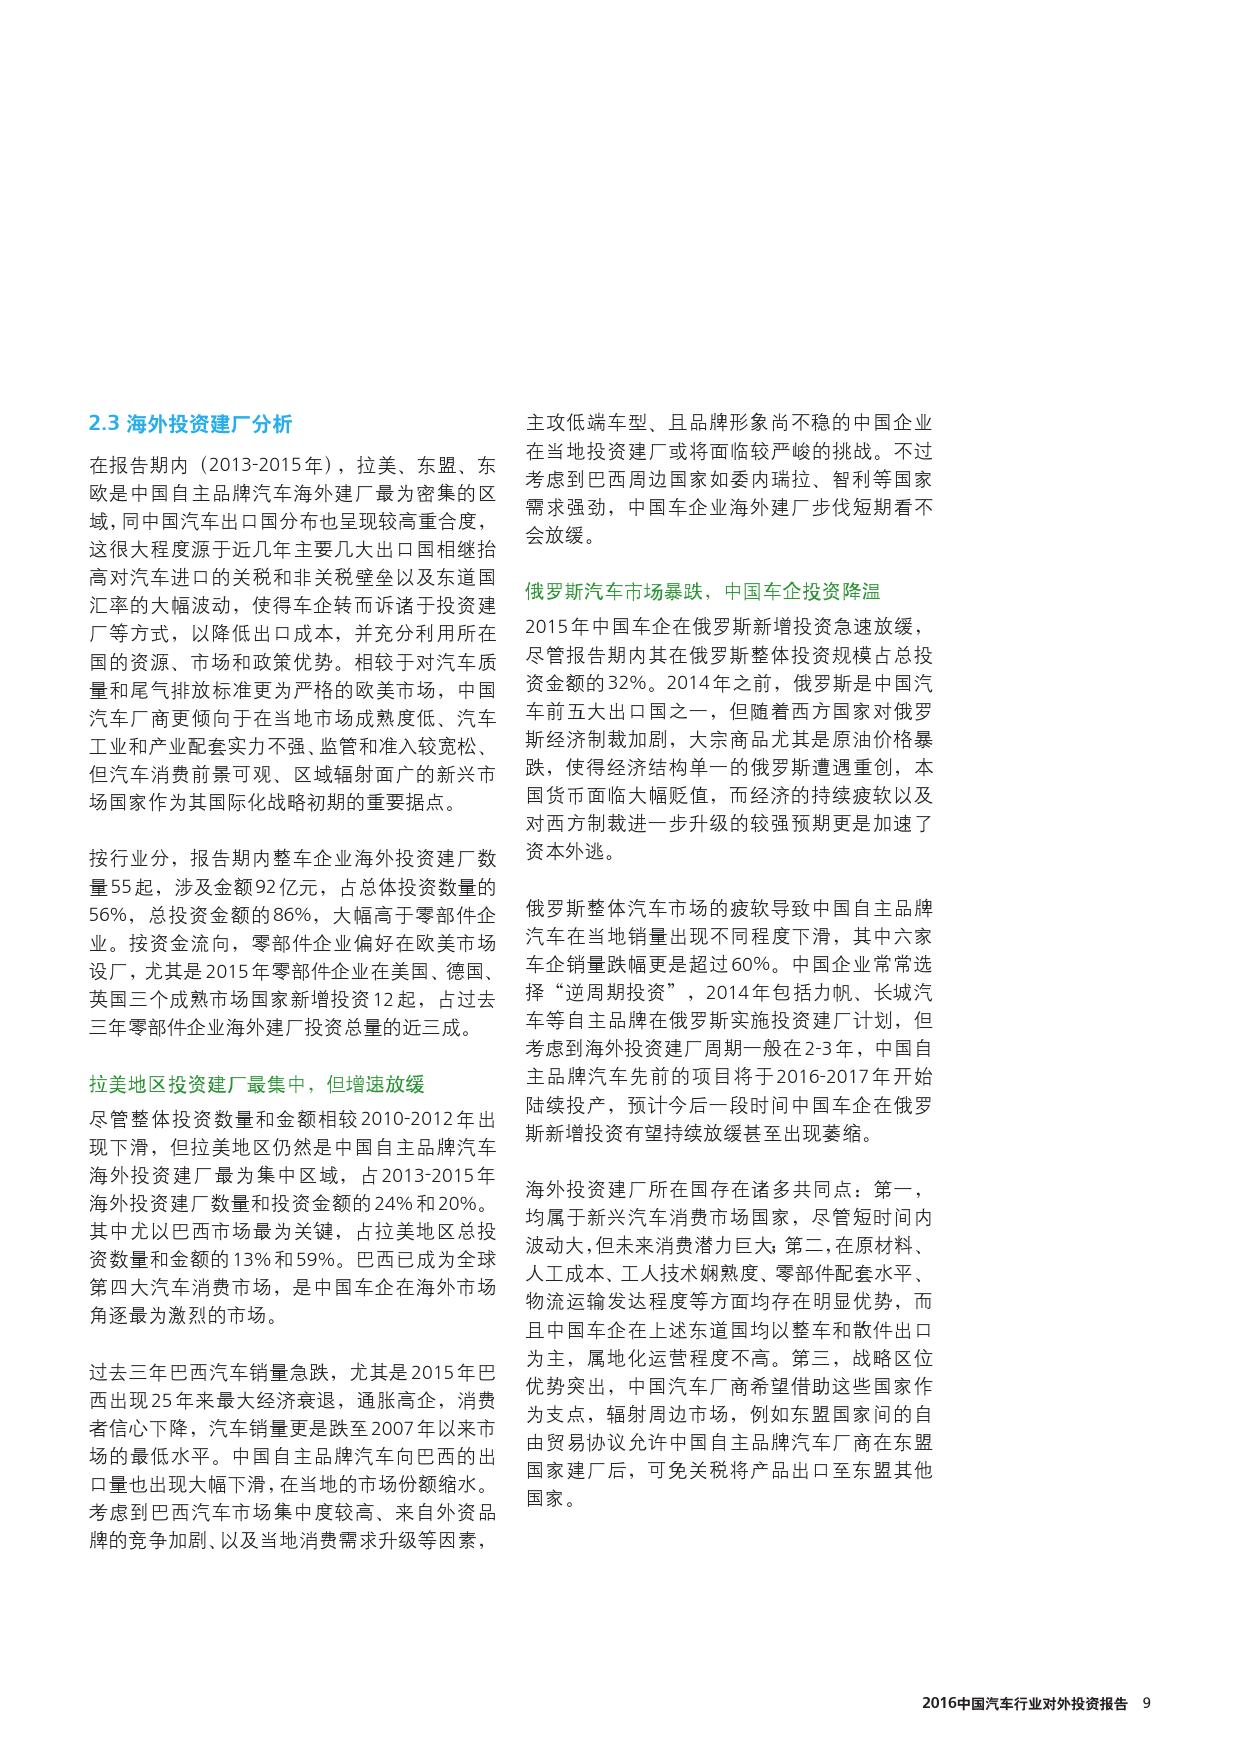 2016中国汽车行业对外投资报告_000011